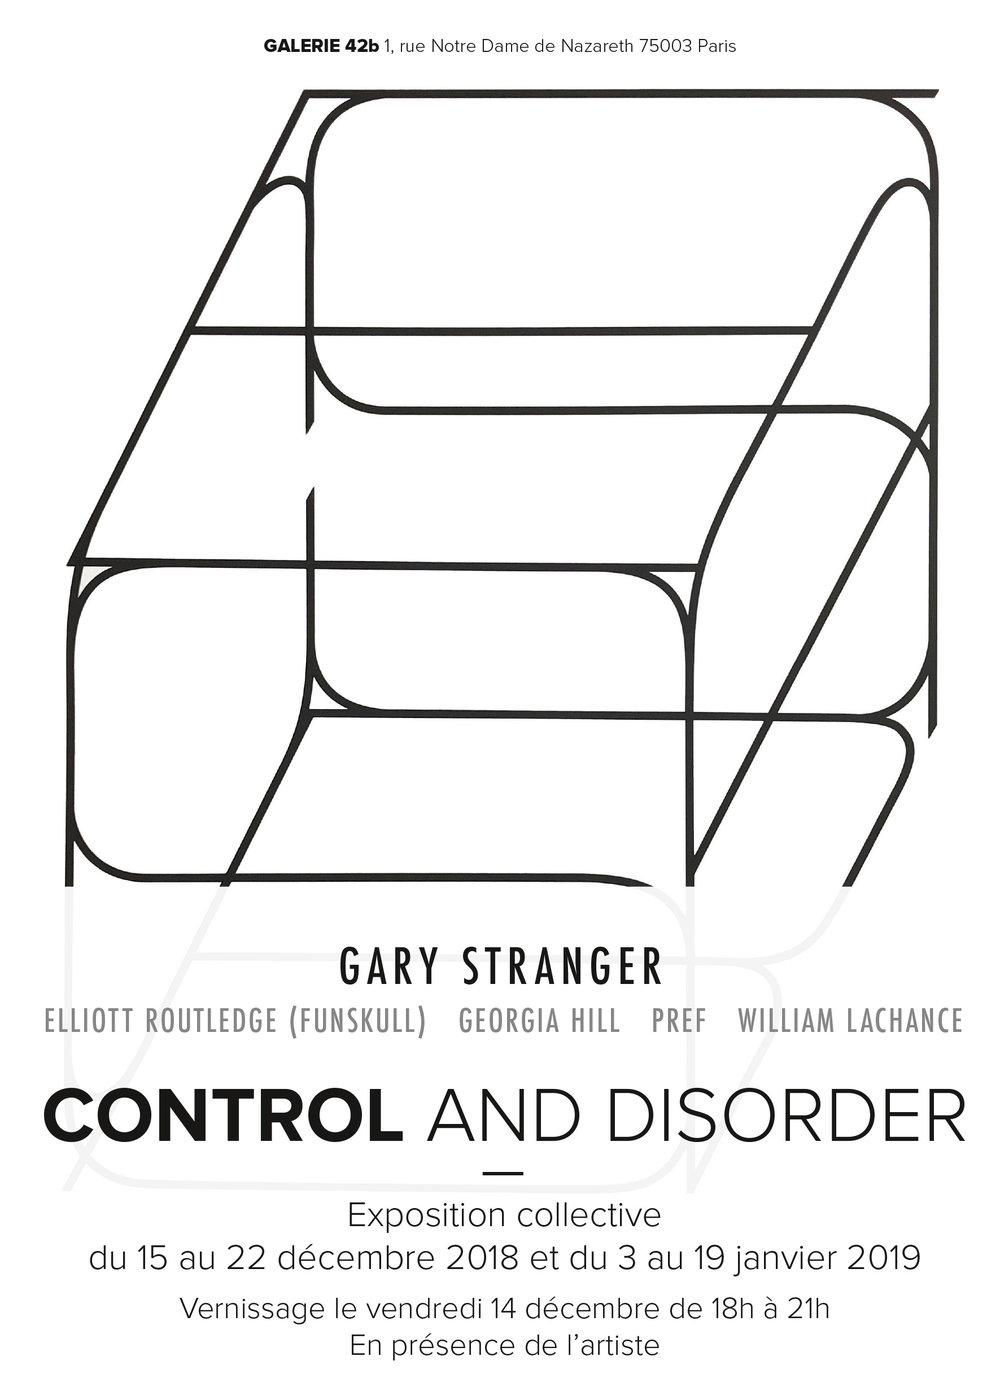 1812_G42b_control_Stranger.jpg